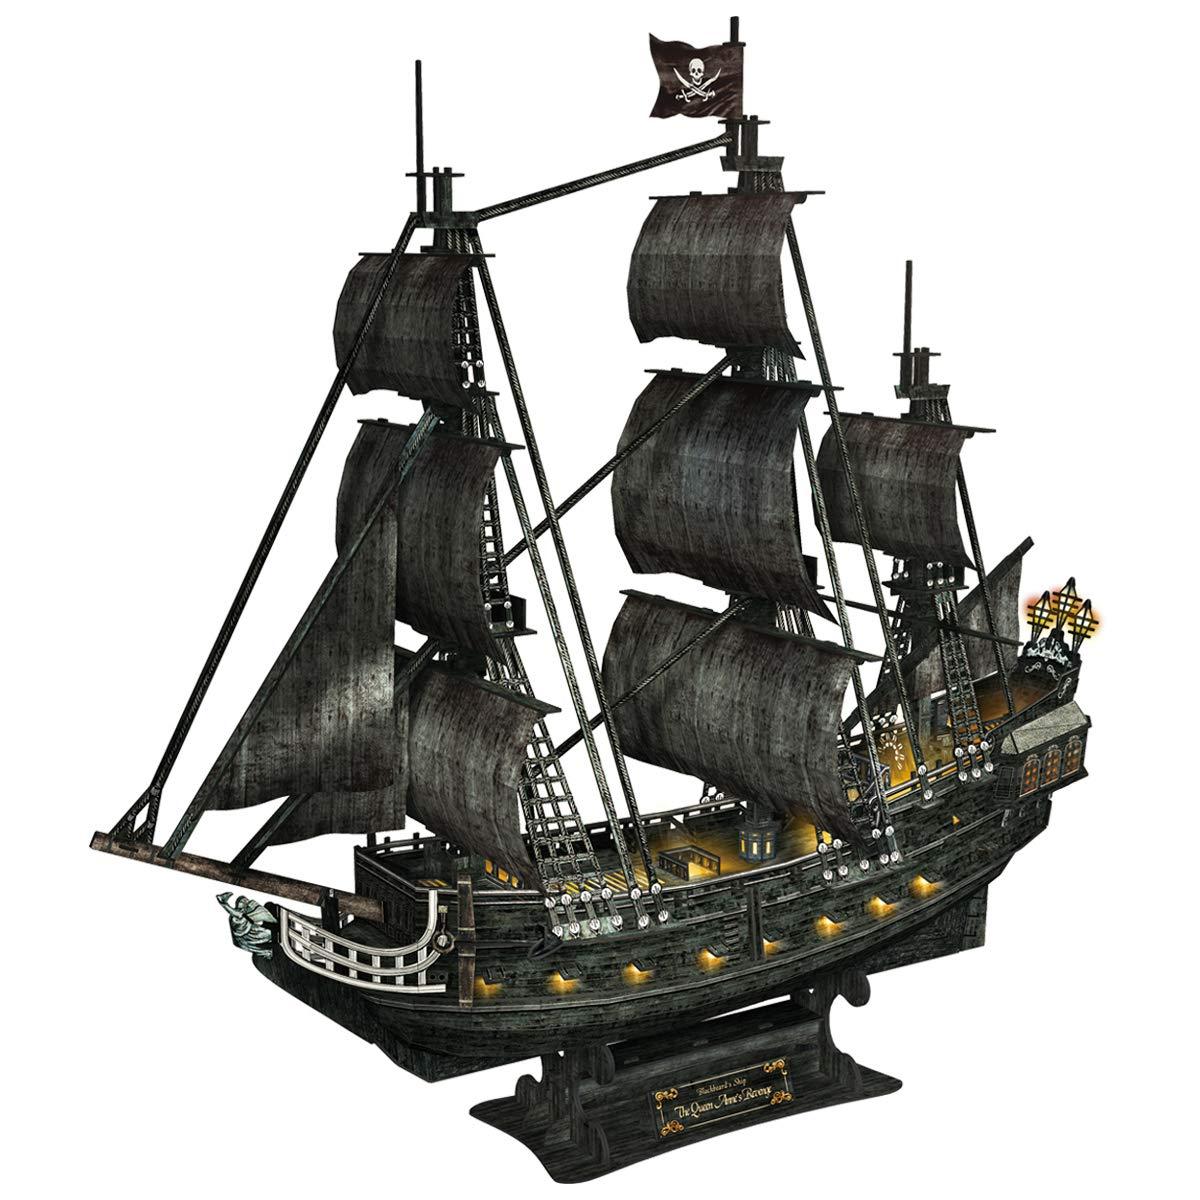 CubicFun 3D Puzzles Large LED Pirate Ship Sailboat Model Building Kits Toys, Queen Anne's Revenge, 340 Pieces by CubicFun